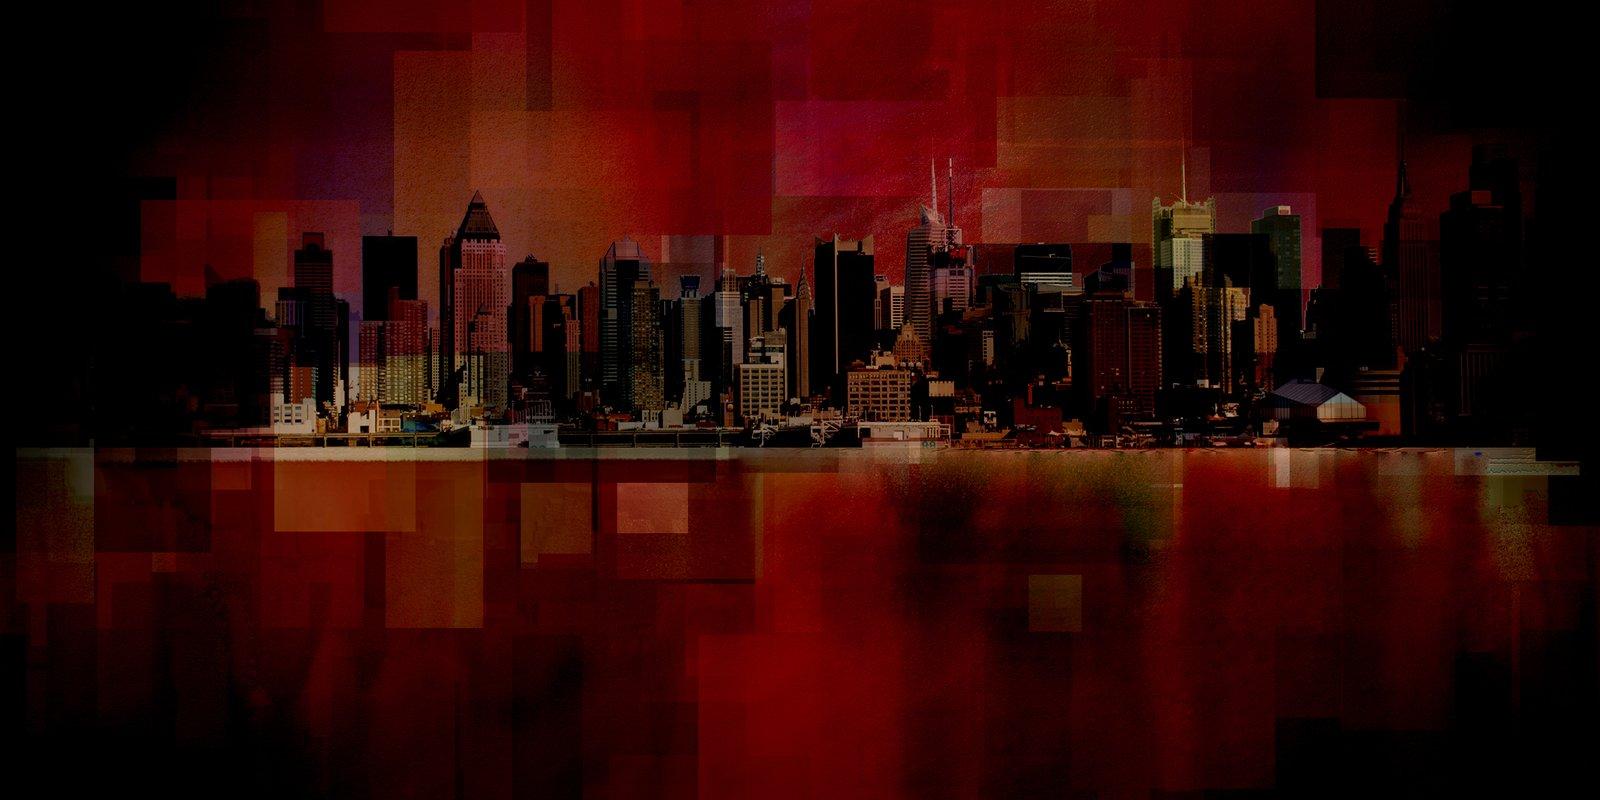 Greenwich Village Manhattan, NY Private Investigator